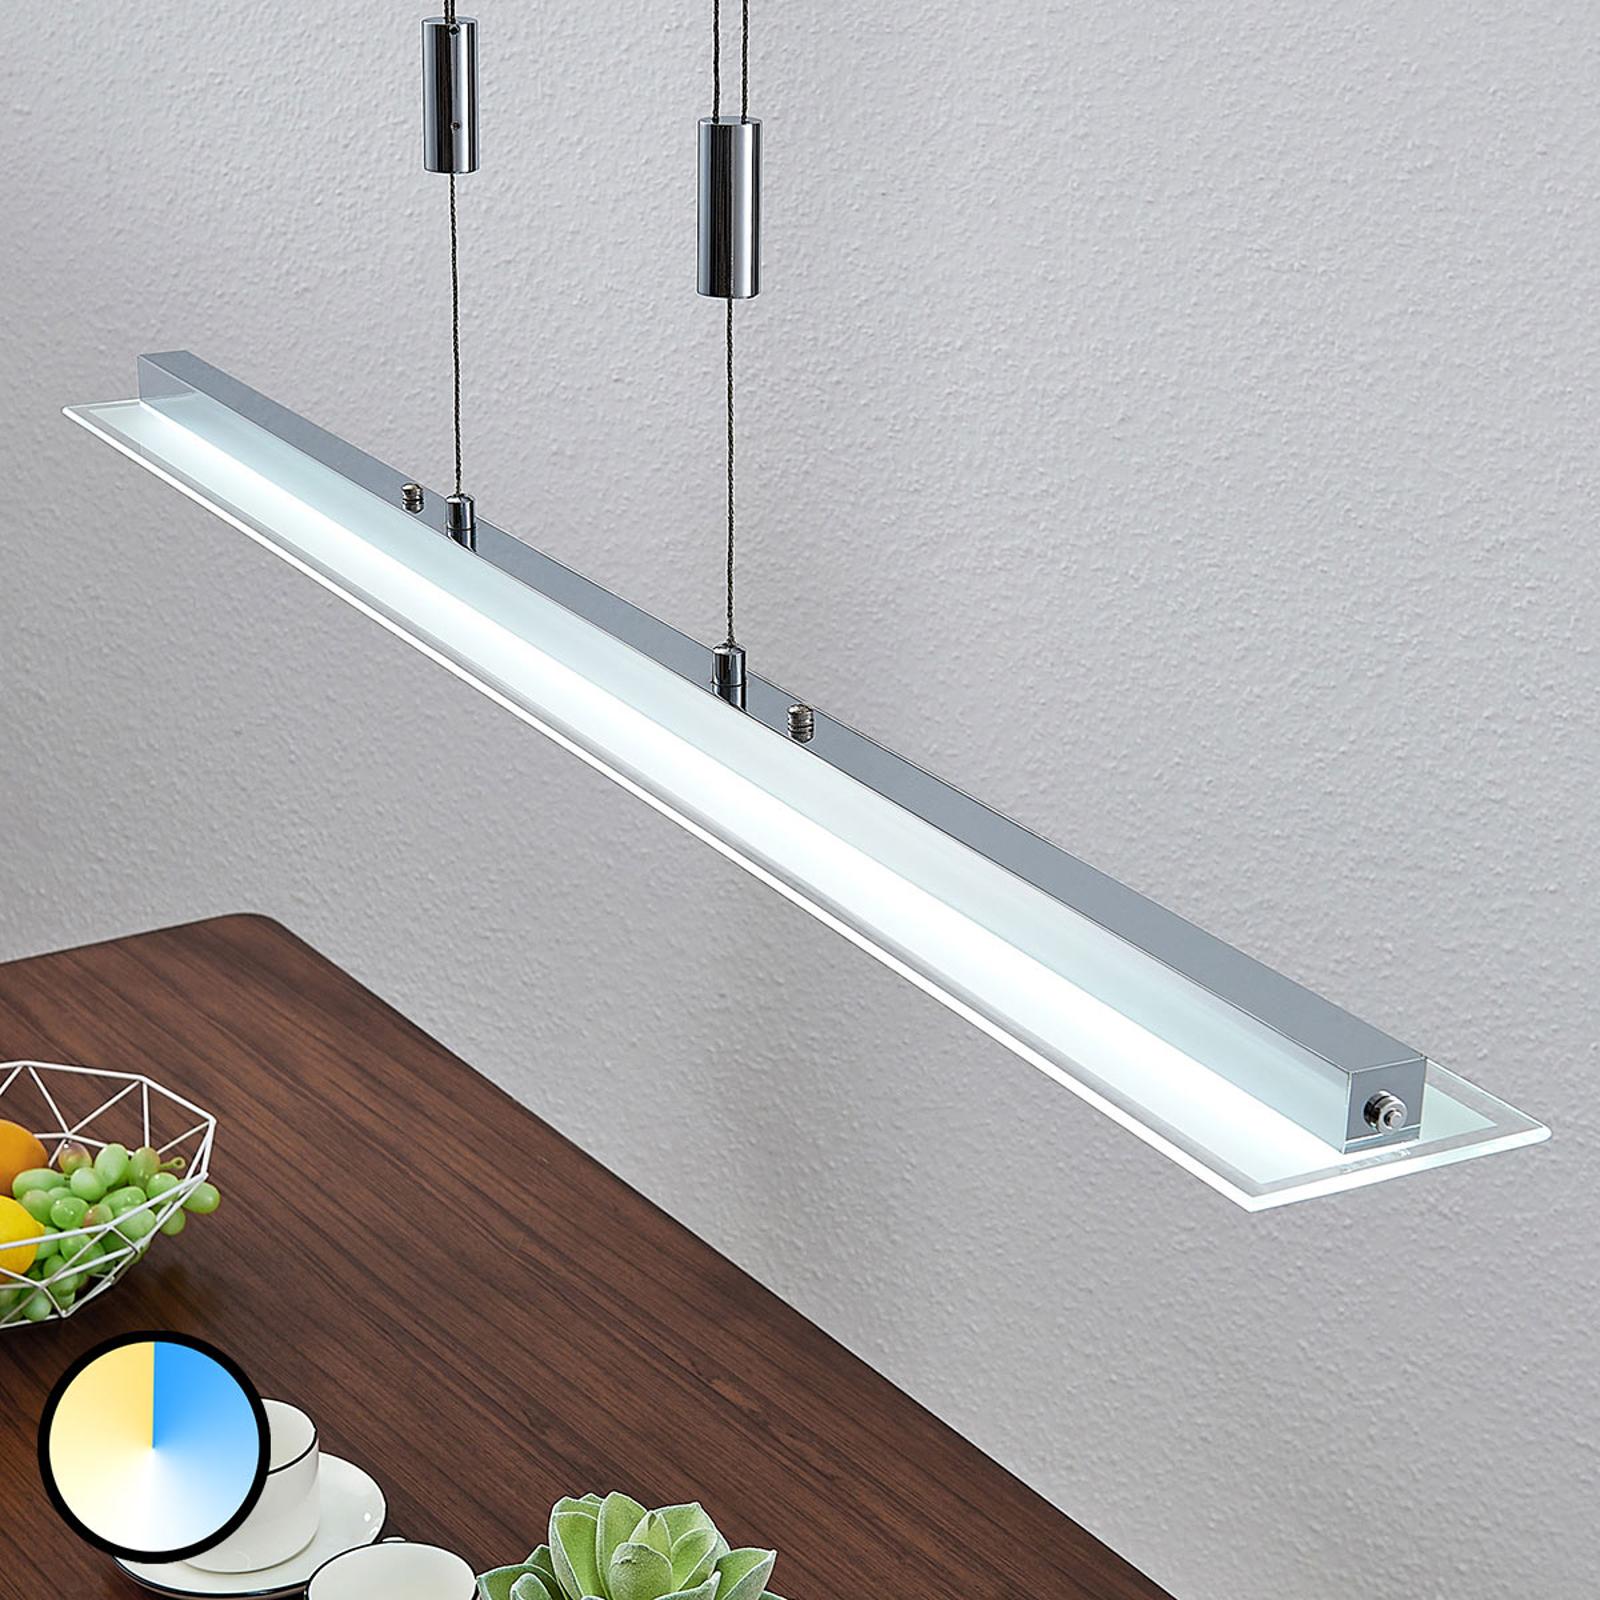 LED Balk hanglamp Sladja met touchdimmer